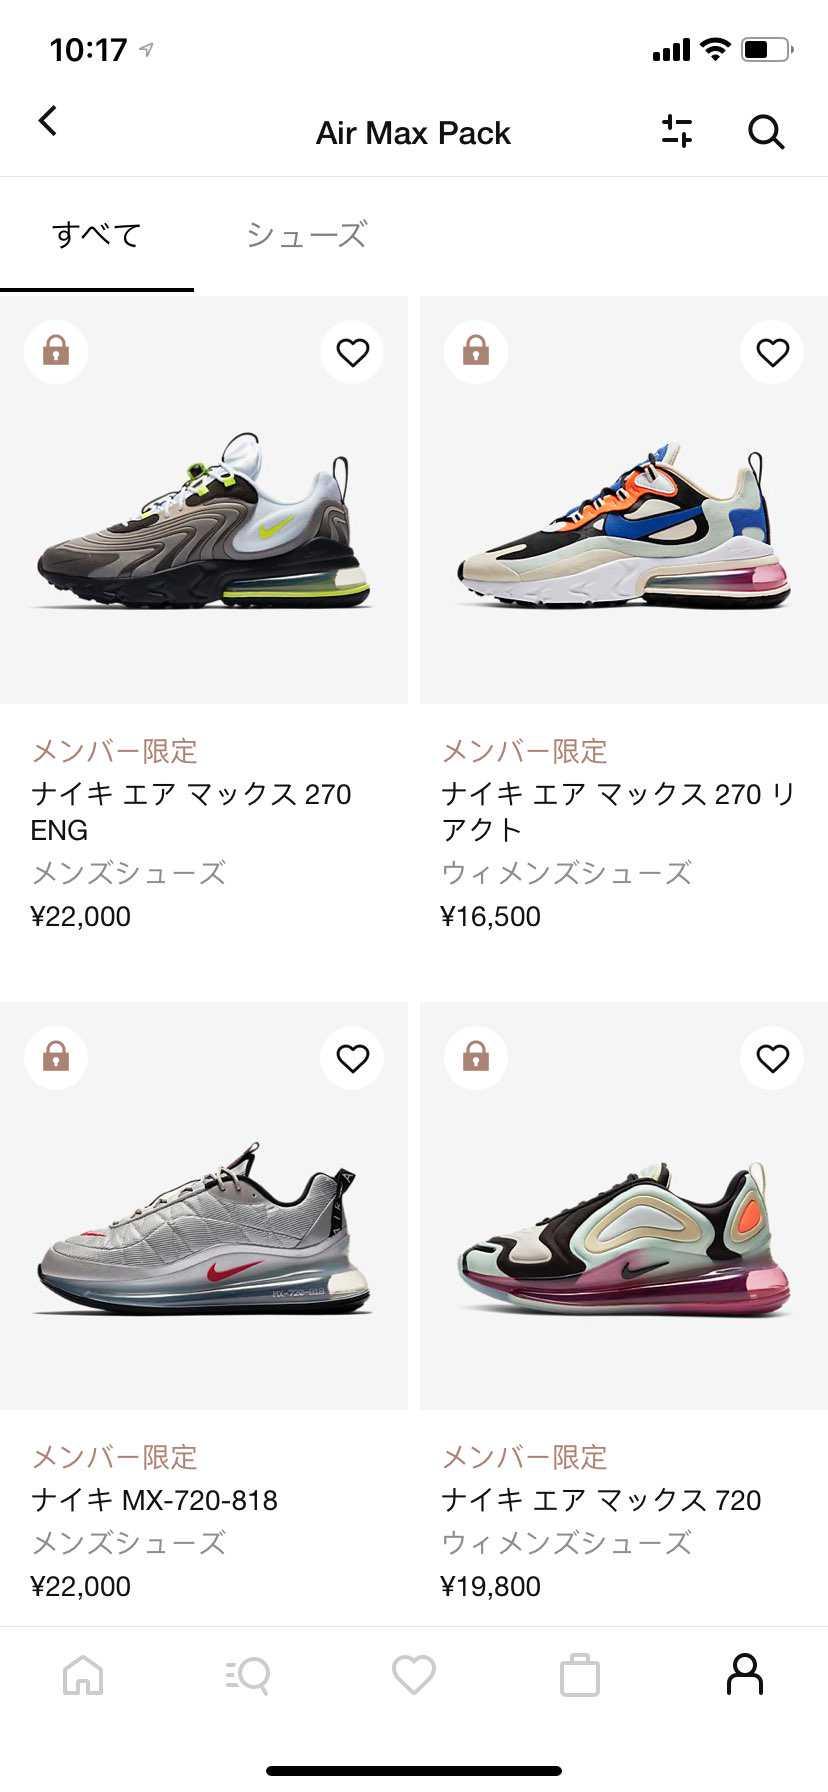 Nikeさん、ゴメンなさい。 どれも似合わないです... じゃ何似合うかと聞